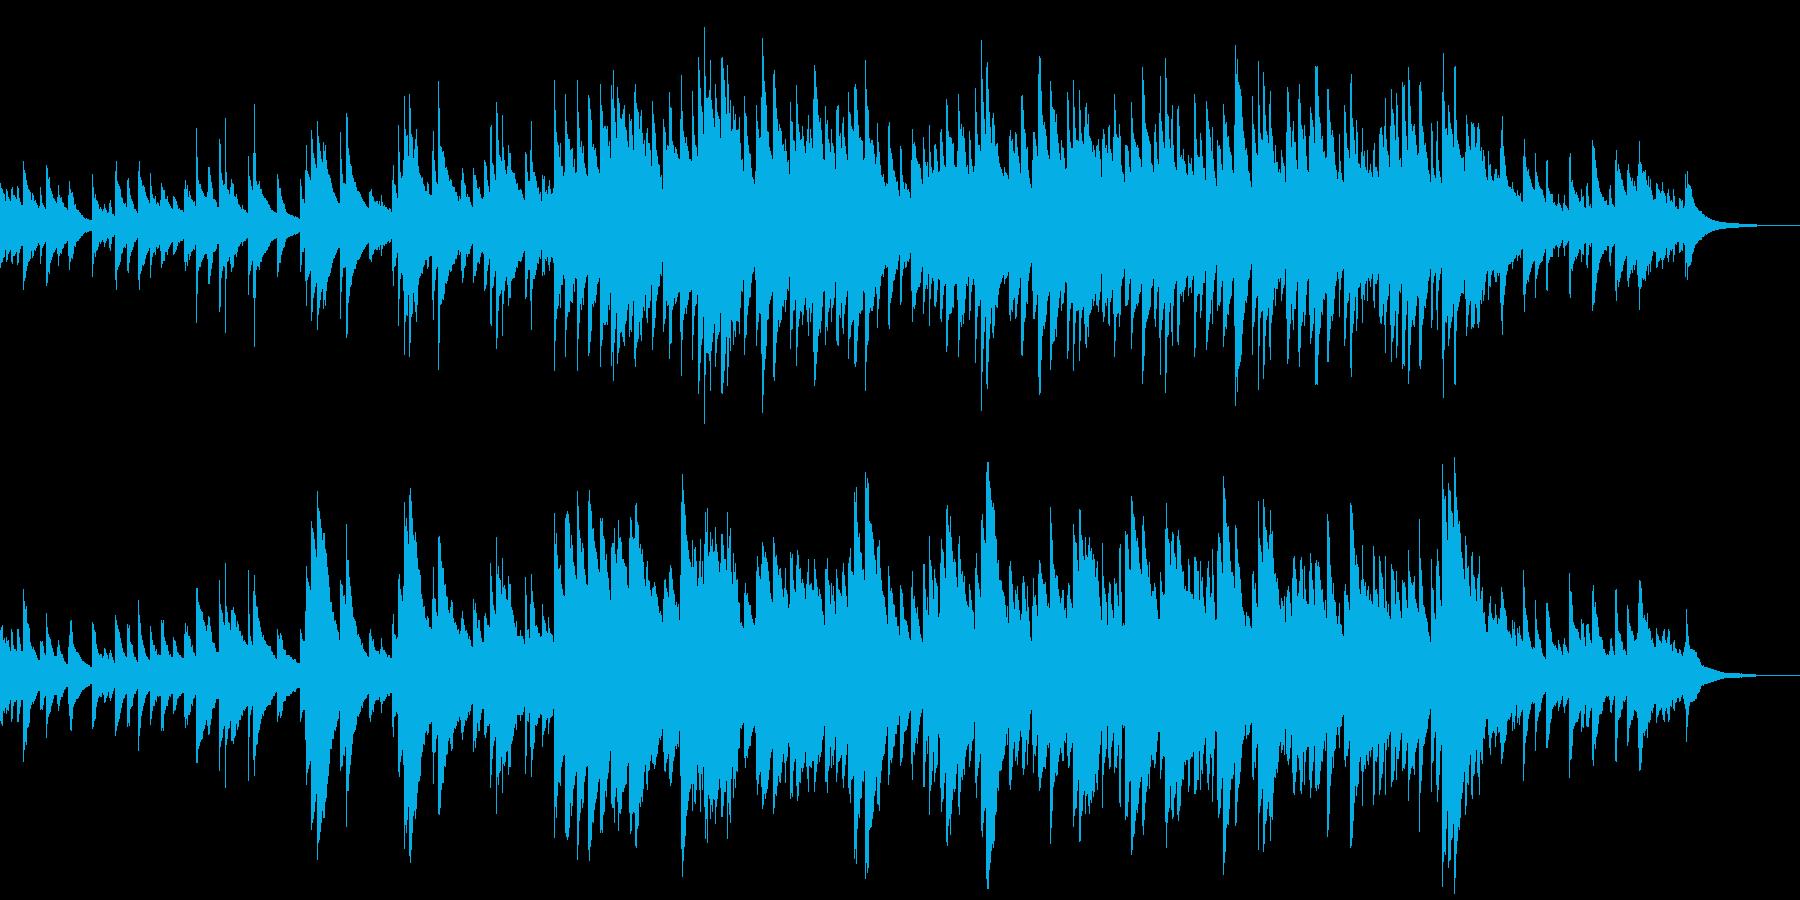 赤ちゃん メモリアル 癒しのオルゴール曲の再生済みの波形